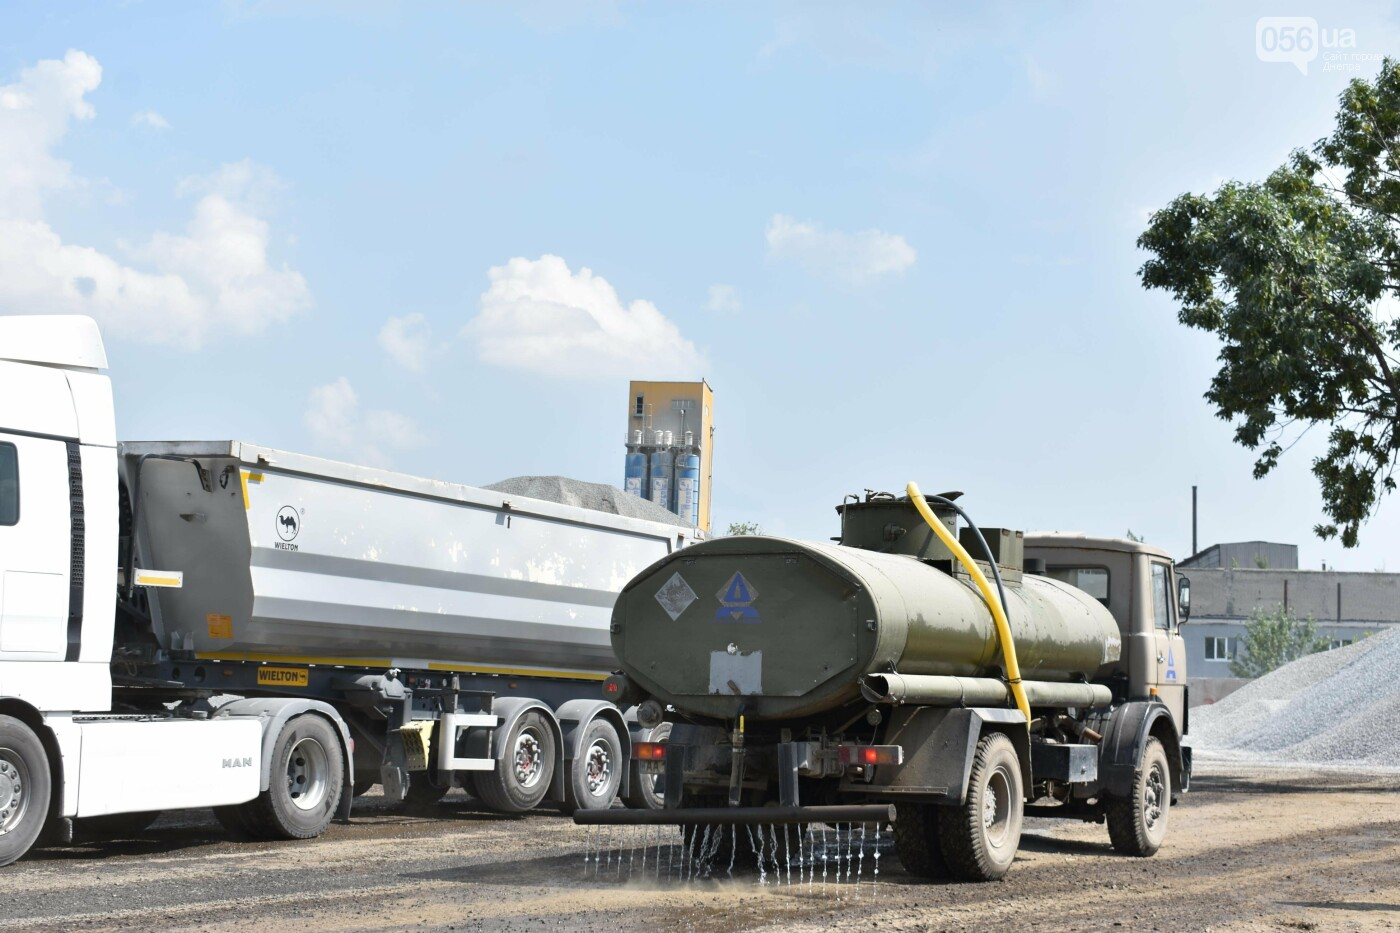 Ради ремонта дороги в Днепре и области построили самый мощный асфальтобетонный завод во всей Европе, - ФОТО, фото-3